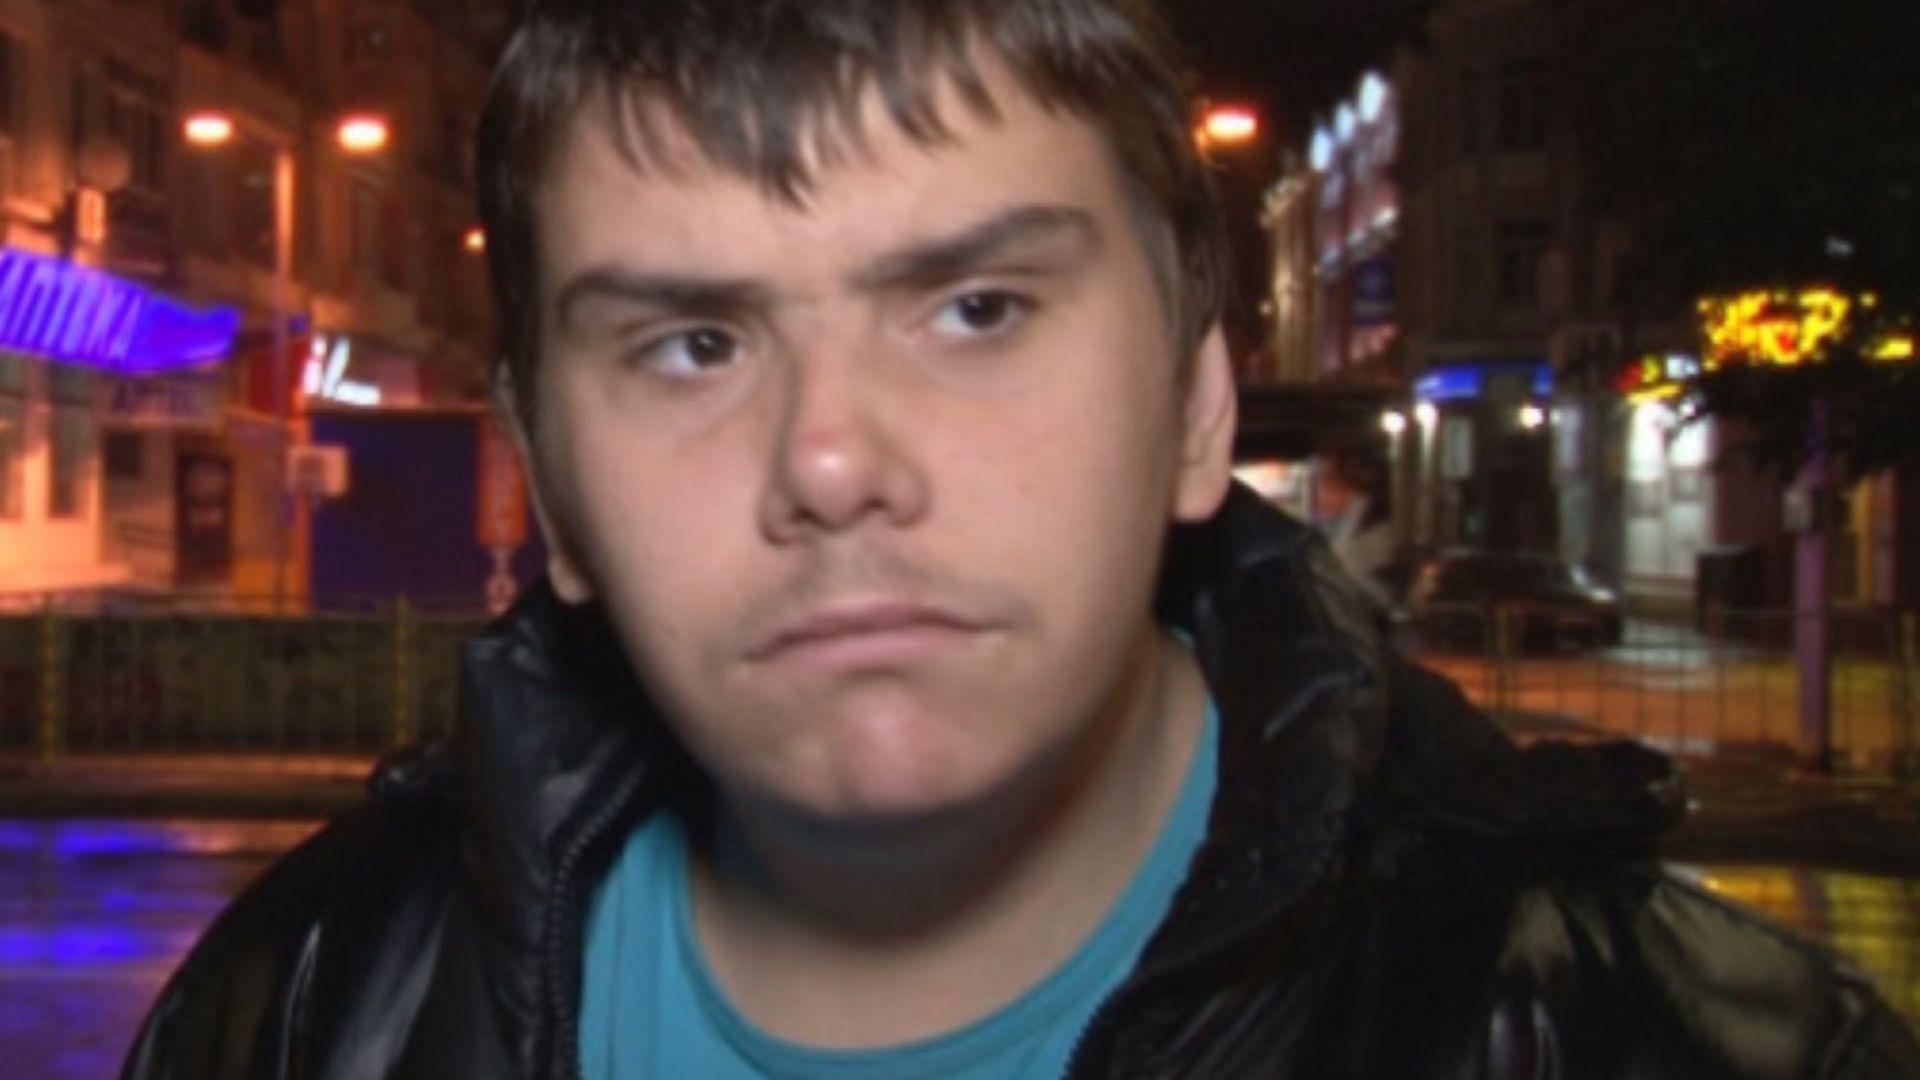 Младежът, опитал да обере магазин: Исках 2 лв. за храна, не съм насочил пистолет